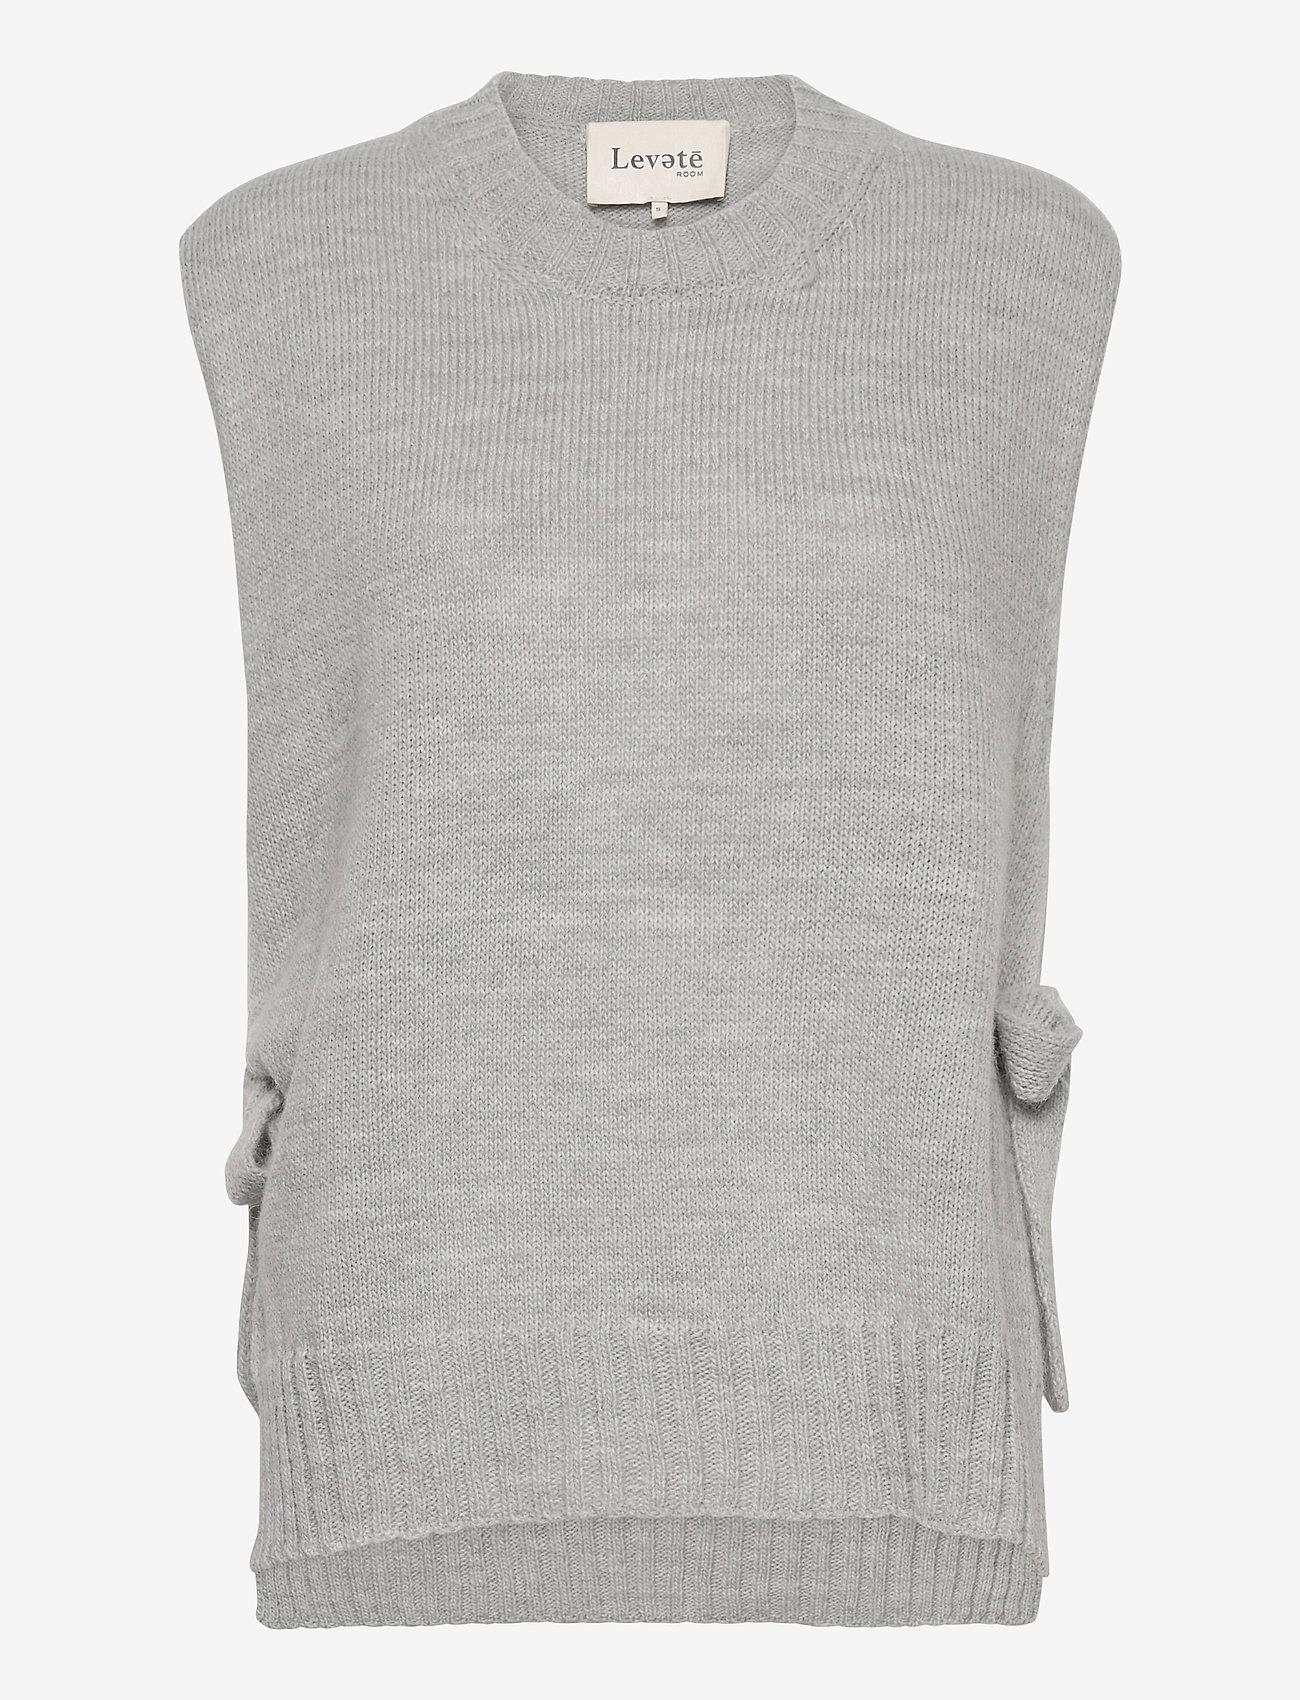 Levete Room - LR-GYMLA - knitted vests - l9955 - sky grey melange - 0